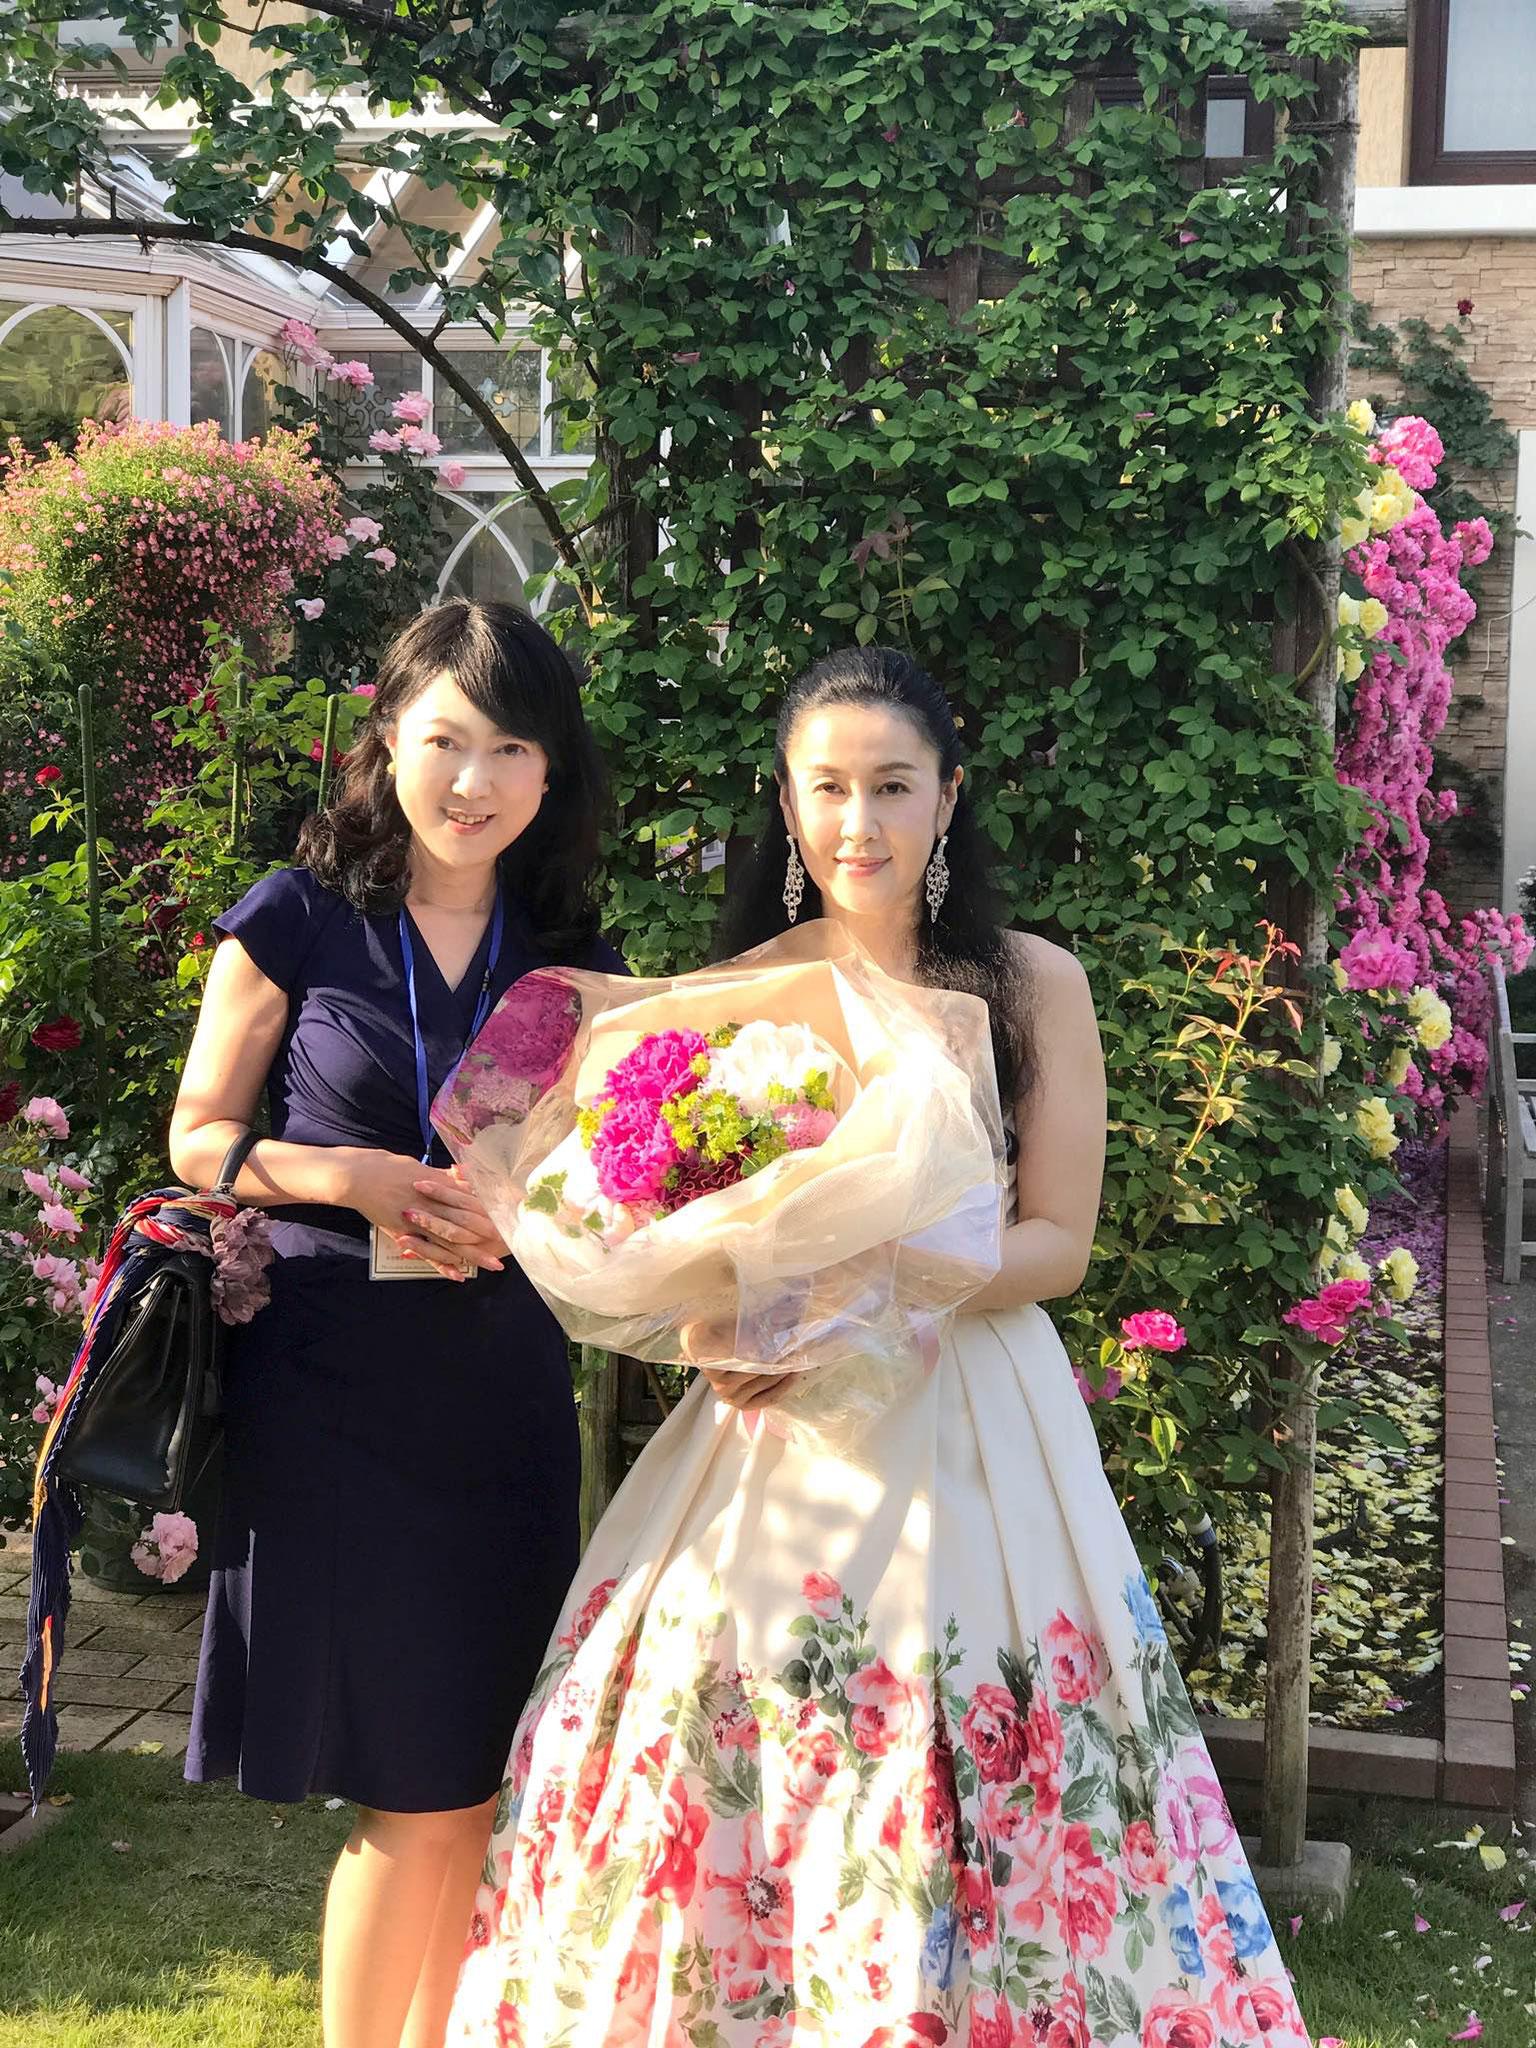 ピアニスト近藤和花さんへ花束贈呈・GRCTチャリティーローズガーデンコンサート